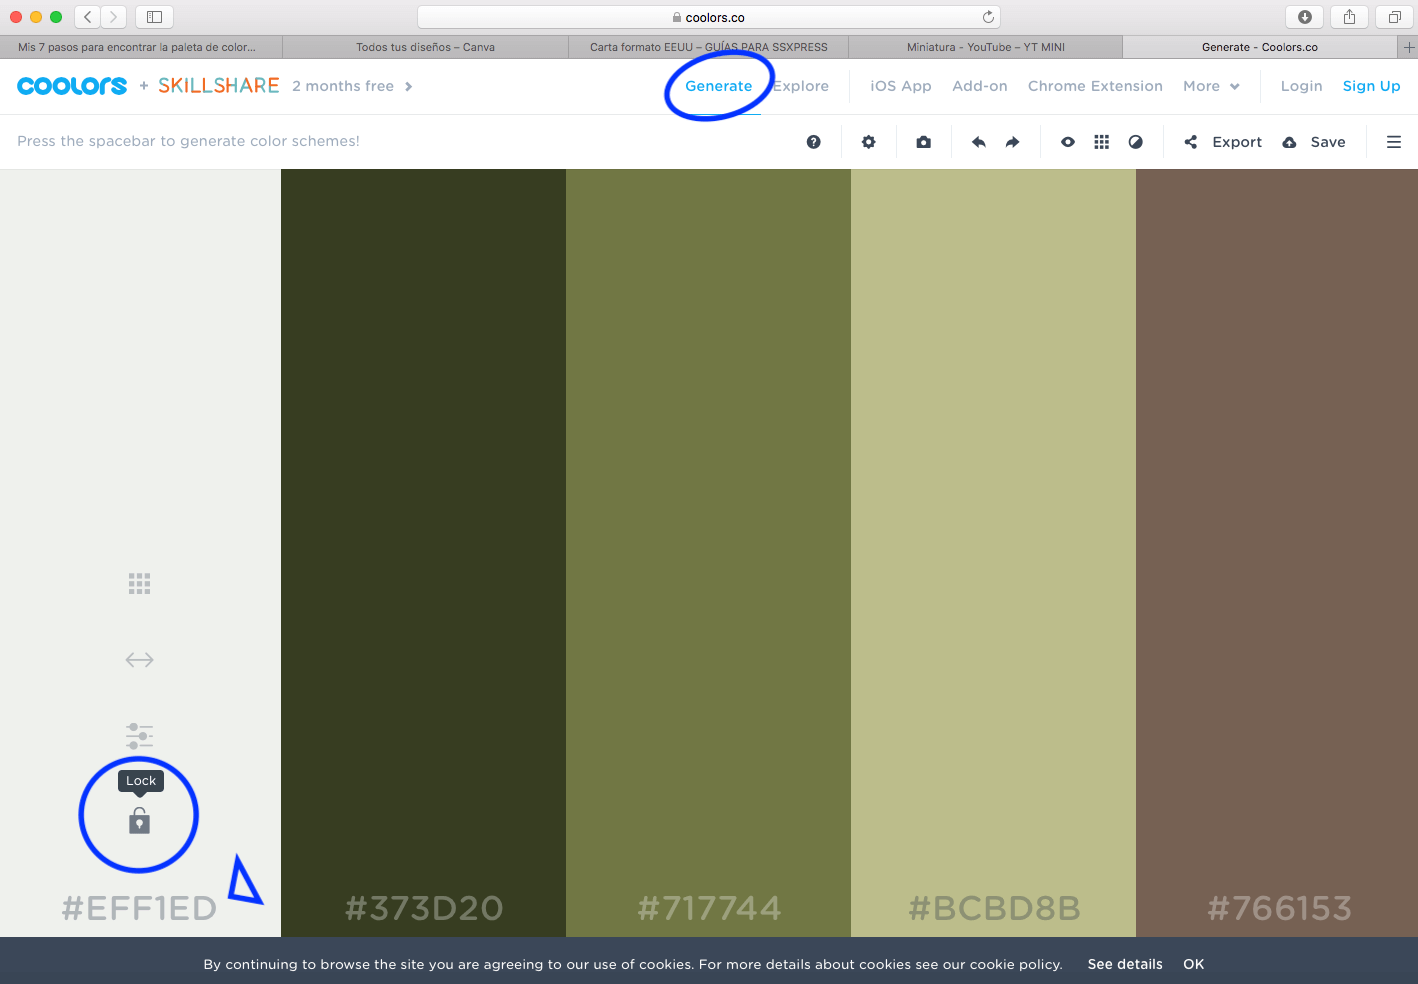 coolors para encontrar la paleta de colores de tu marca personal.png